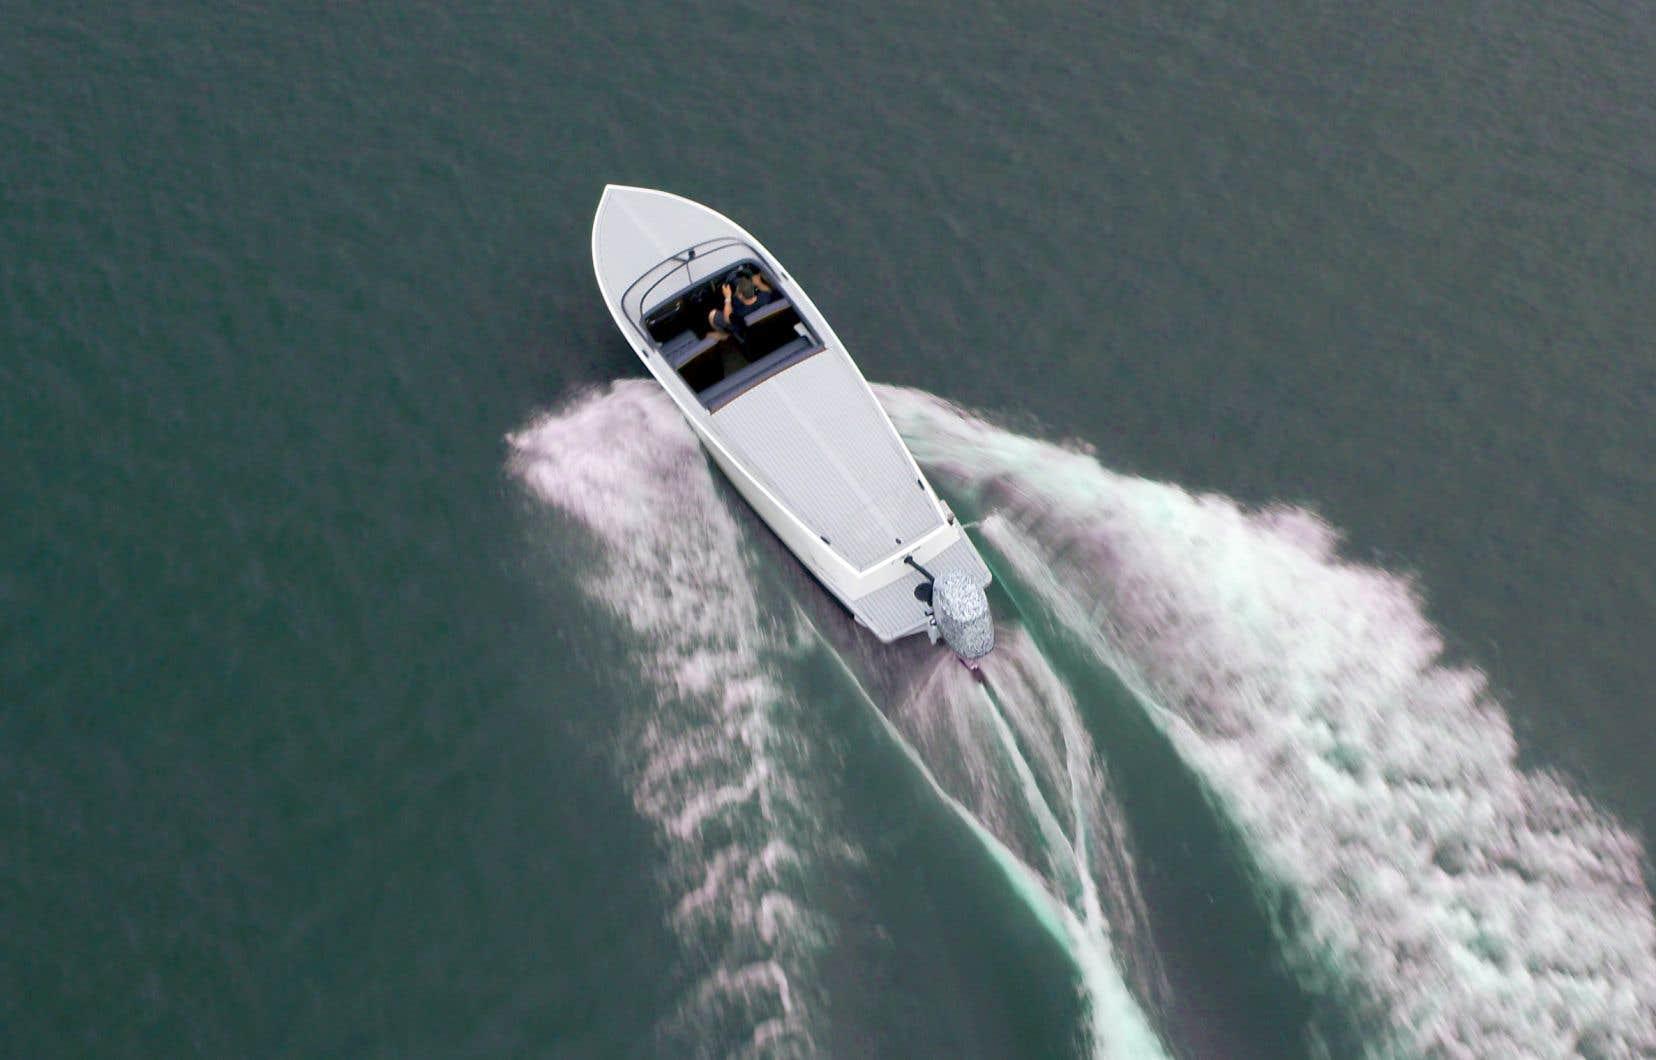 L'entreprise québécoise Vision marine technologies prévoit de participer à de nombreuses expositions au sud de la frontière dans les prochains mois pour présenter son nouveau moteur électrique.